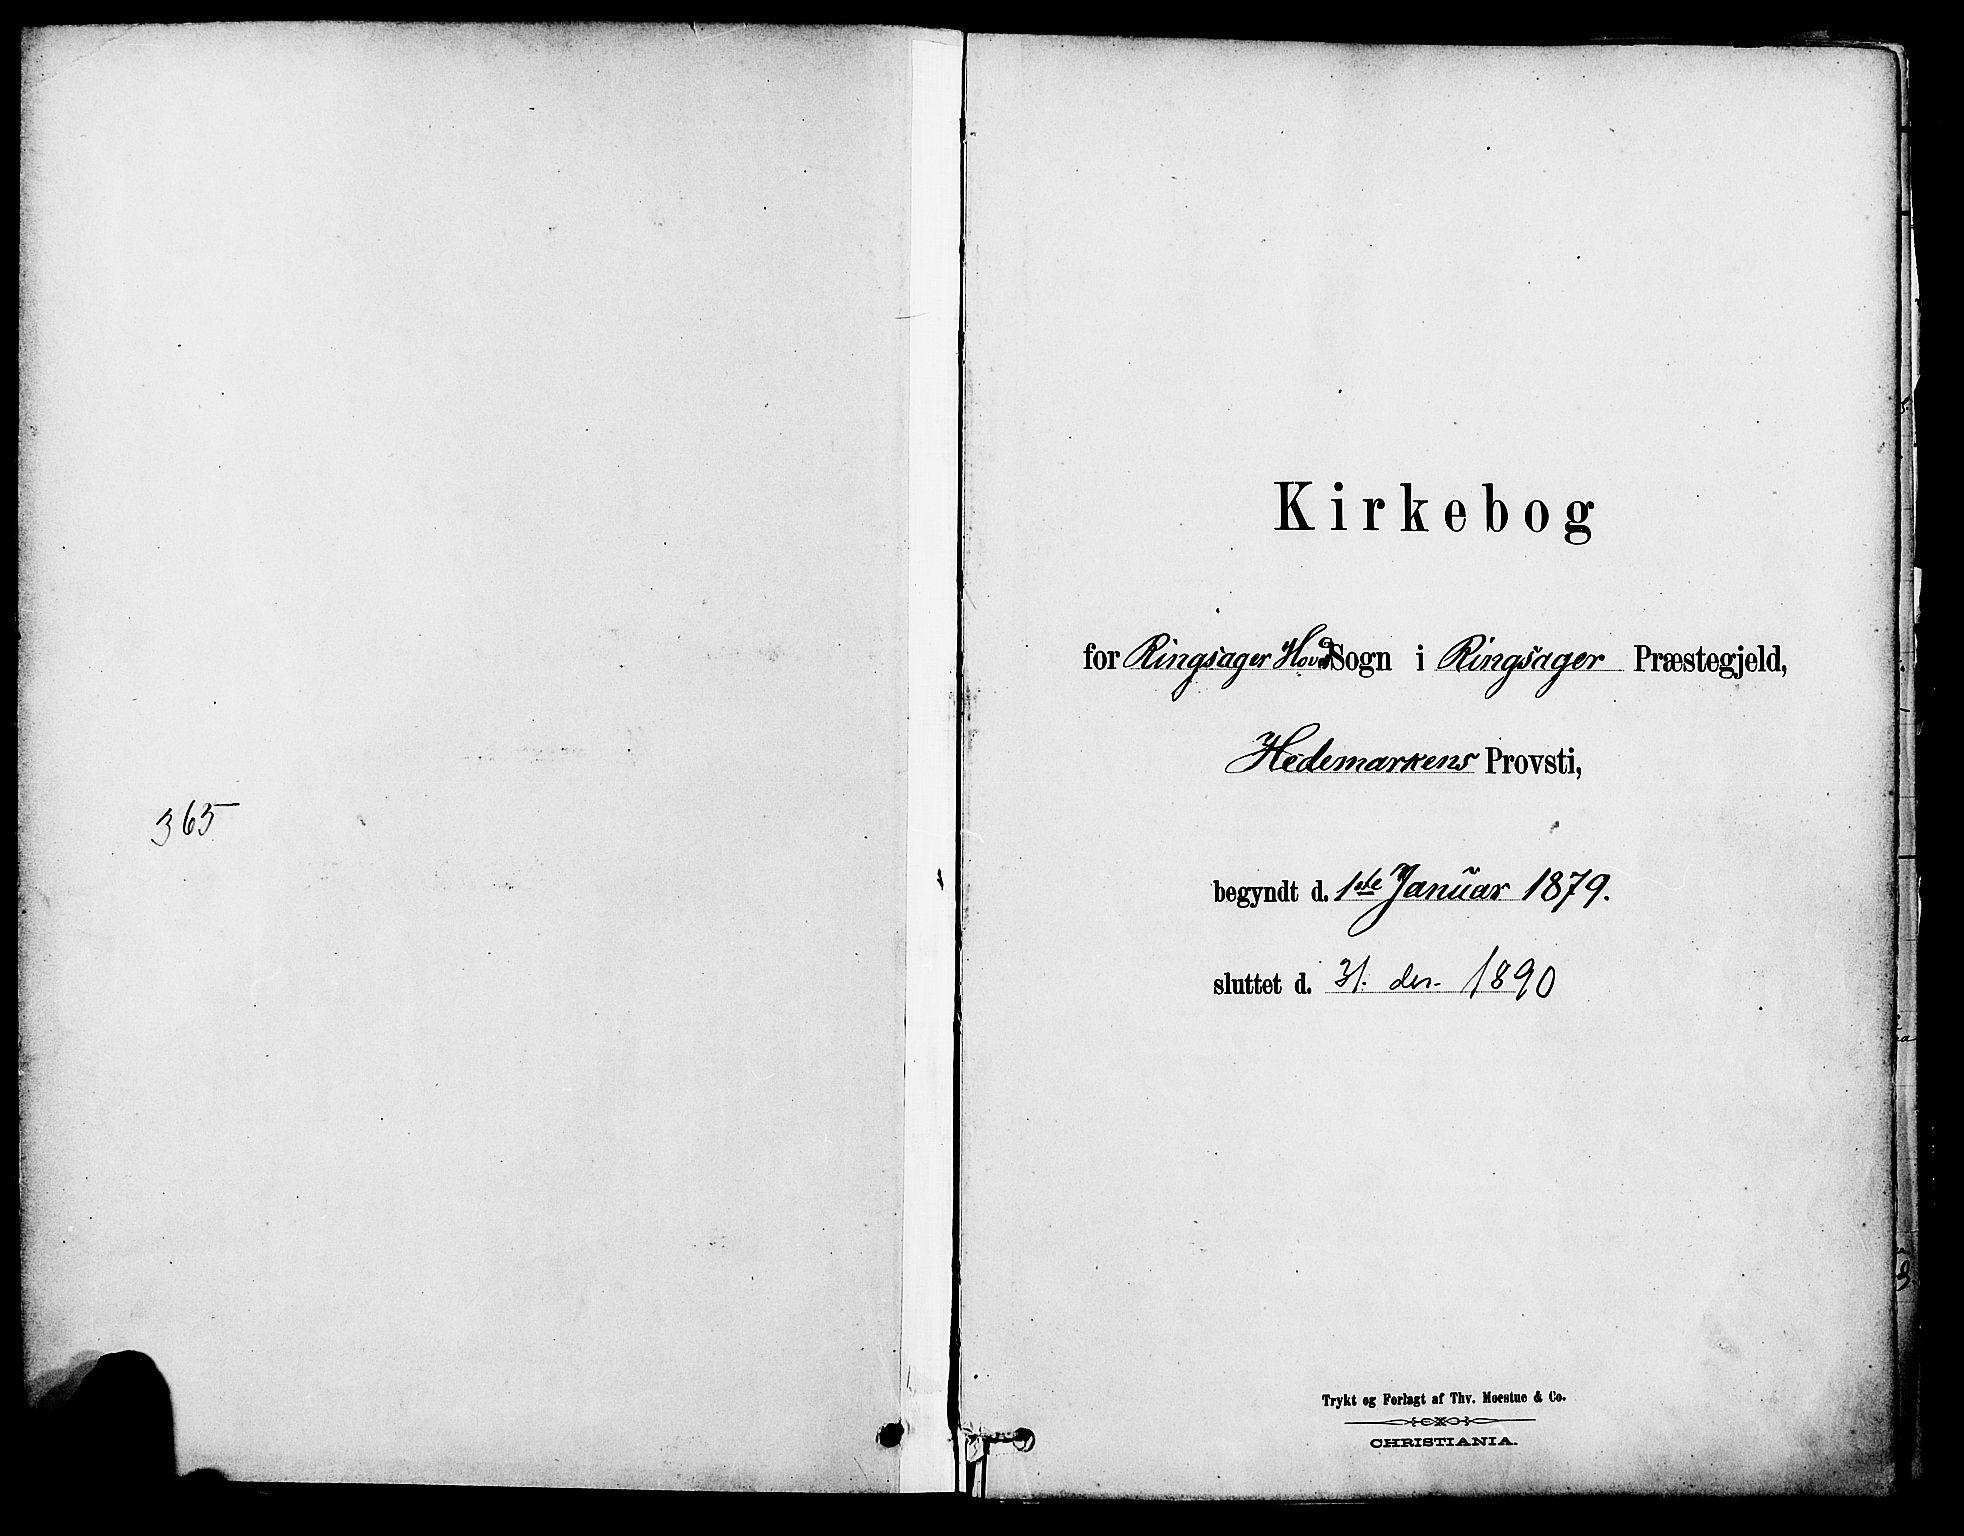 SAH, Ringsaker prestekontor, K/Ka/L0012: Ministerialbok nr. 12, 1879-1890